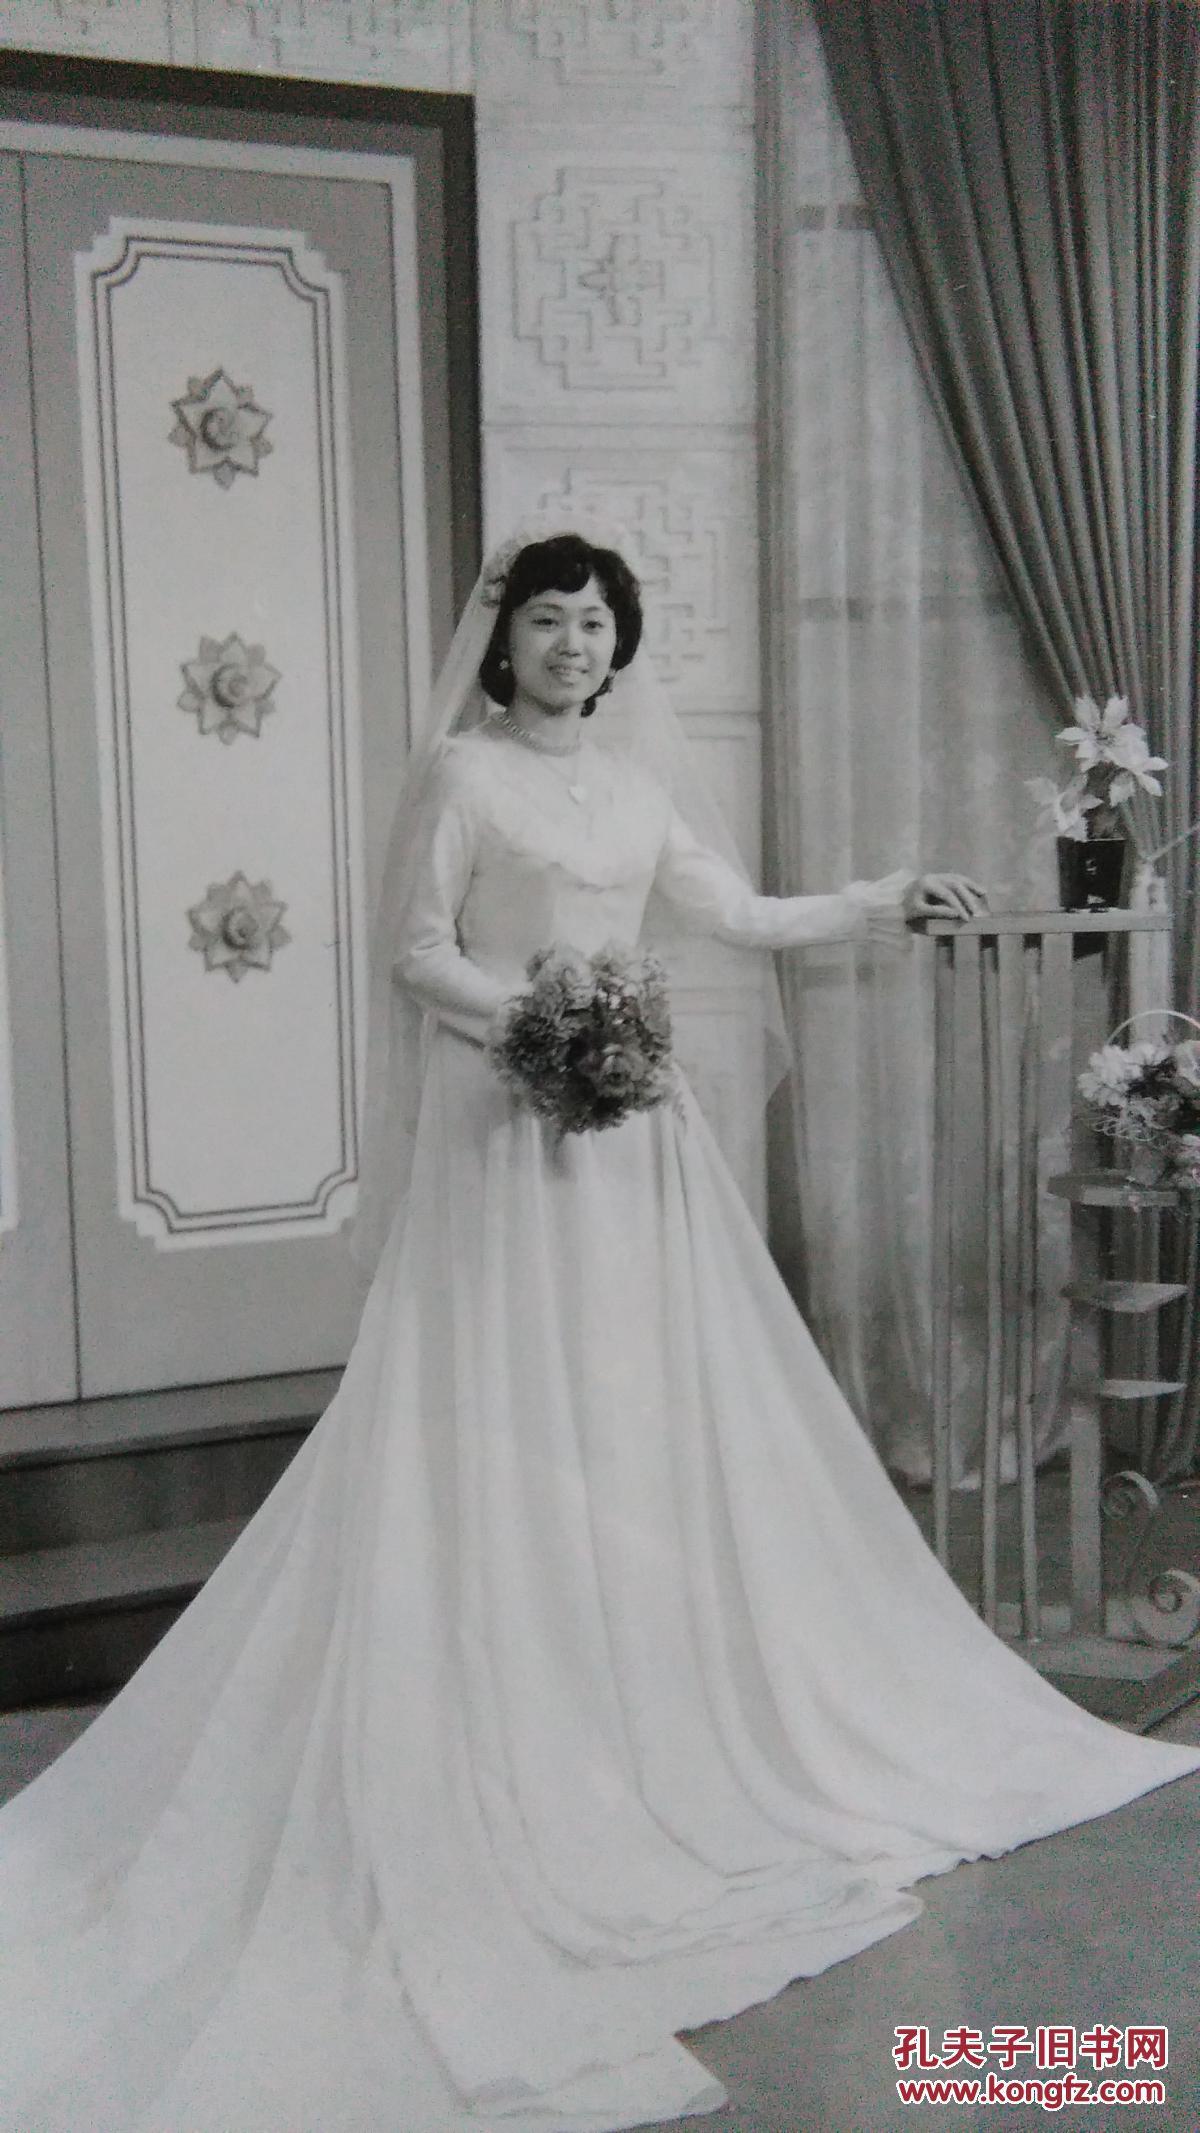 唯美婚纱,早期漂亮的时刻丝袜艺术照,已装框。美女的美女图片看图片